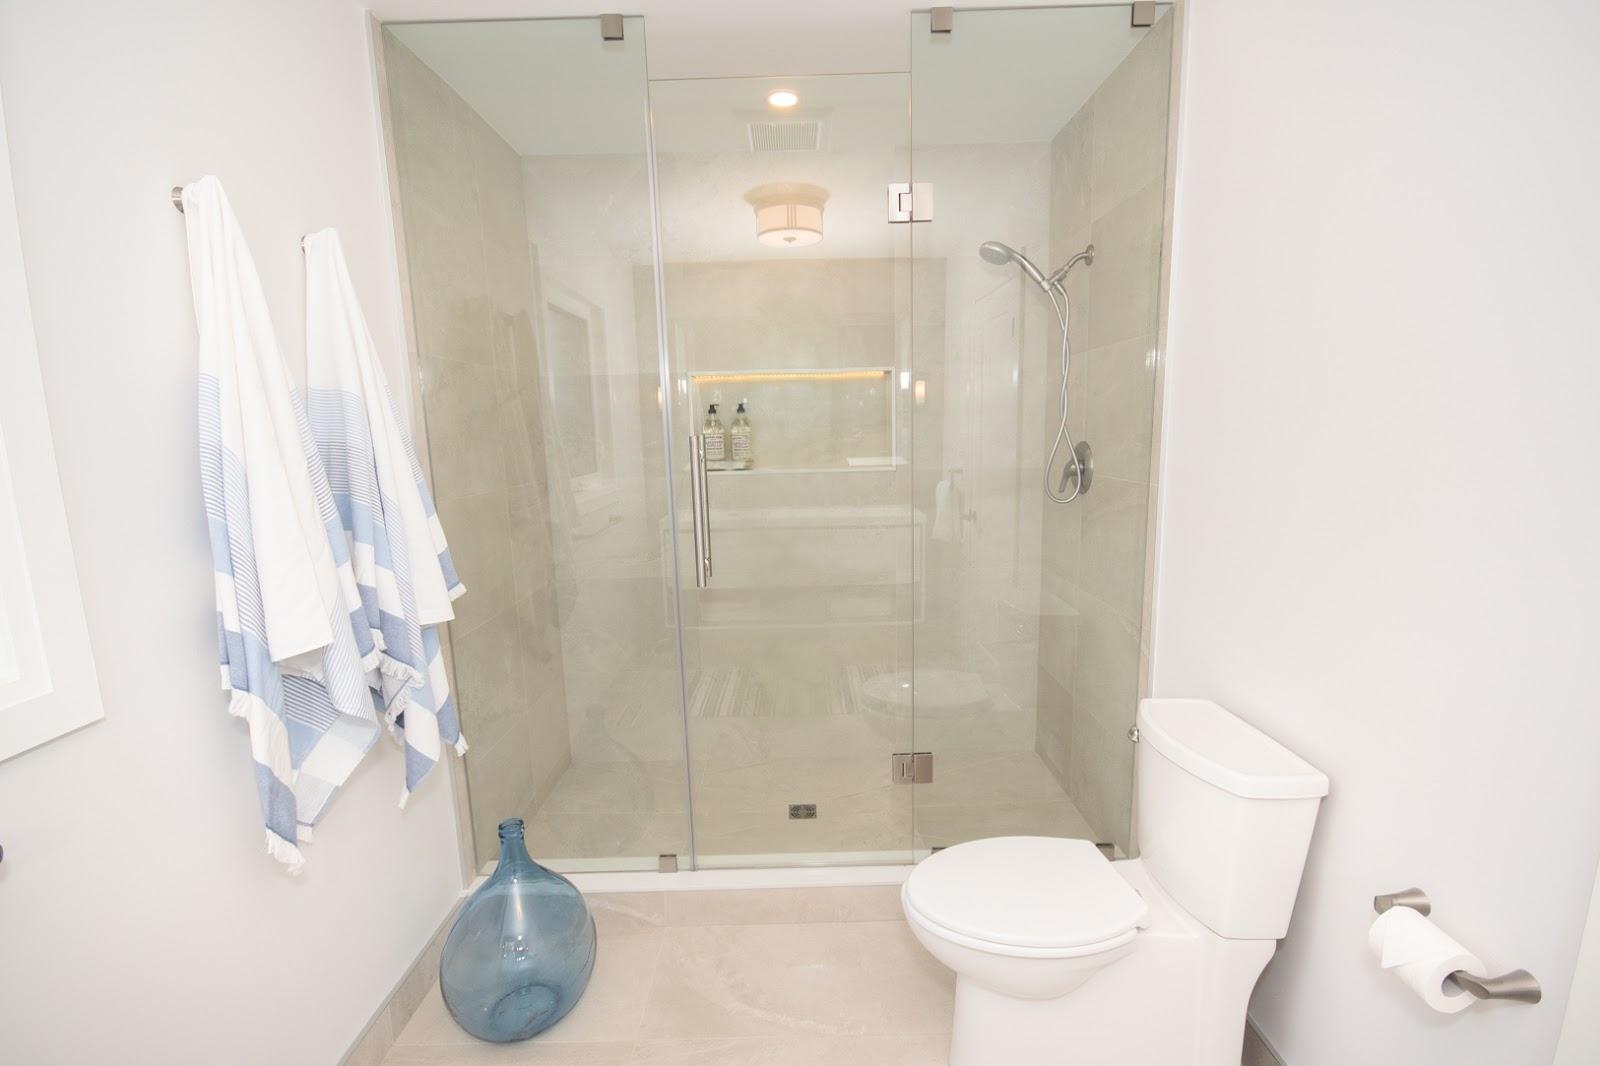 shower stall in luxury washroom